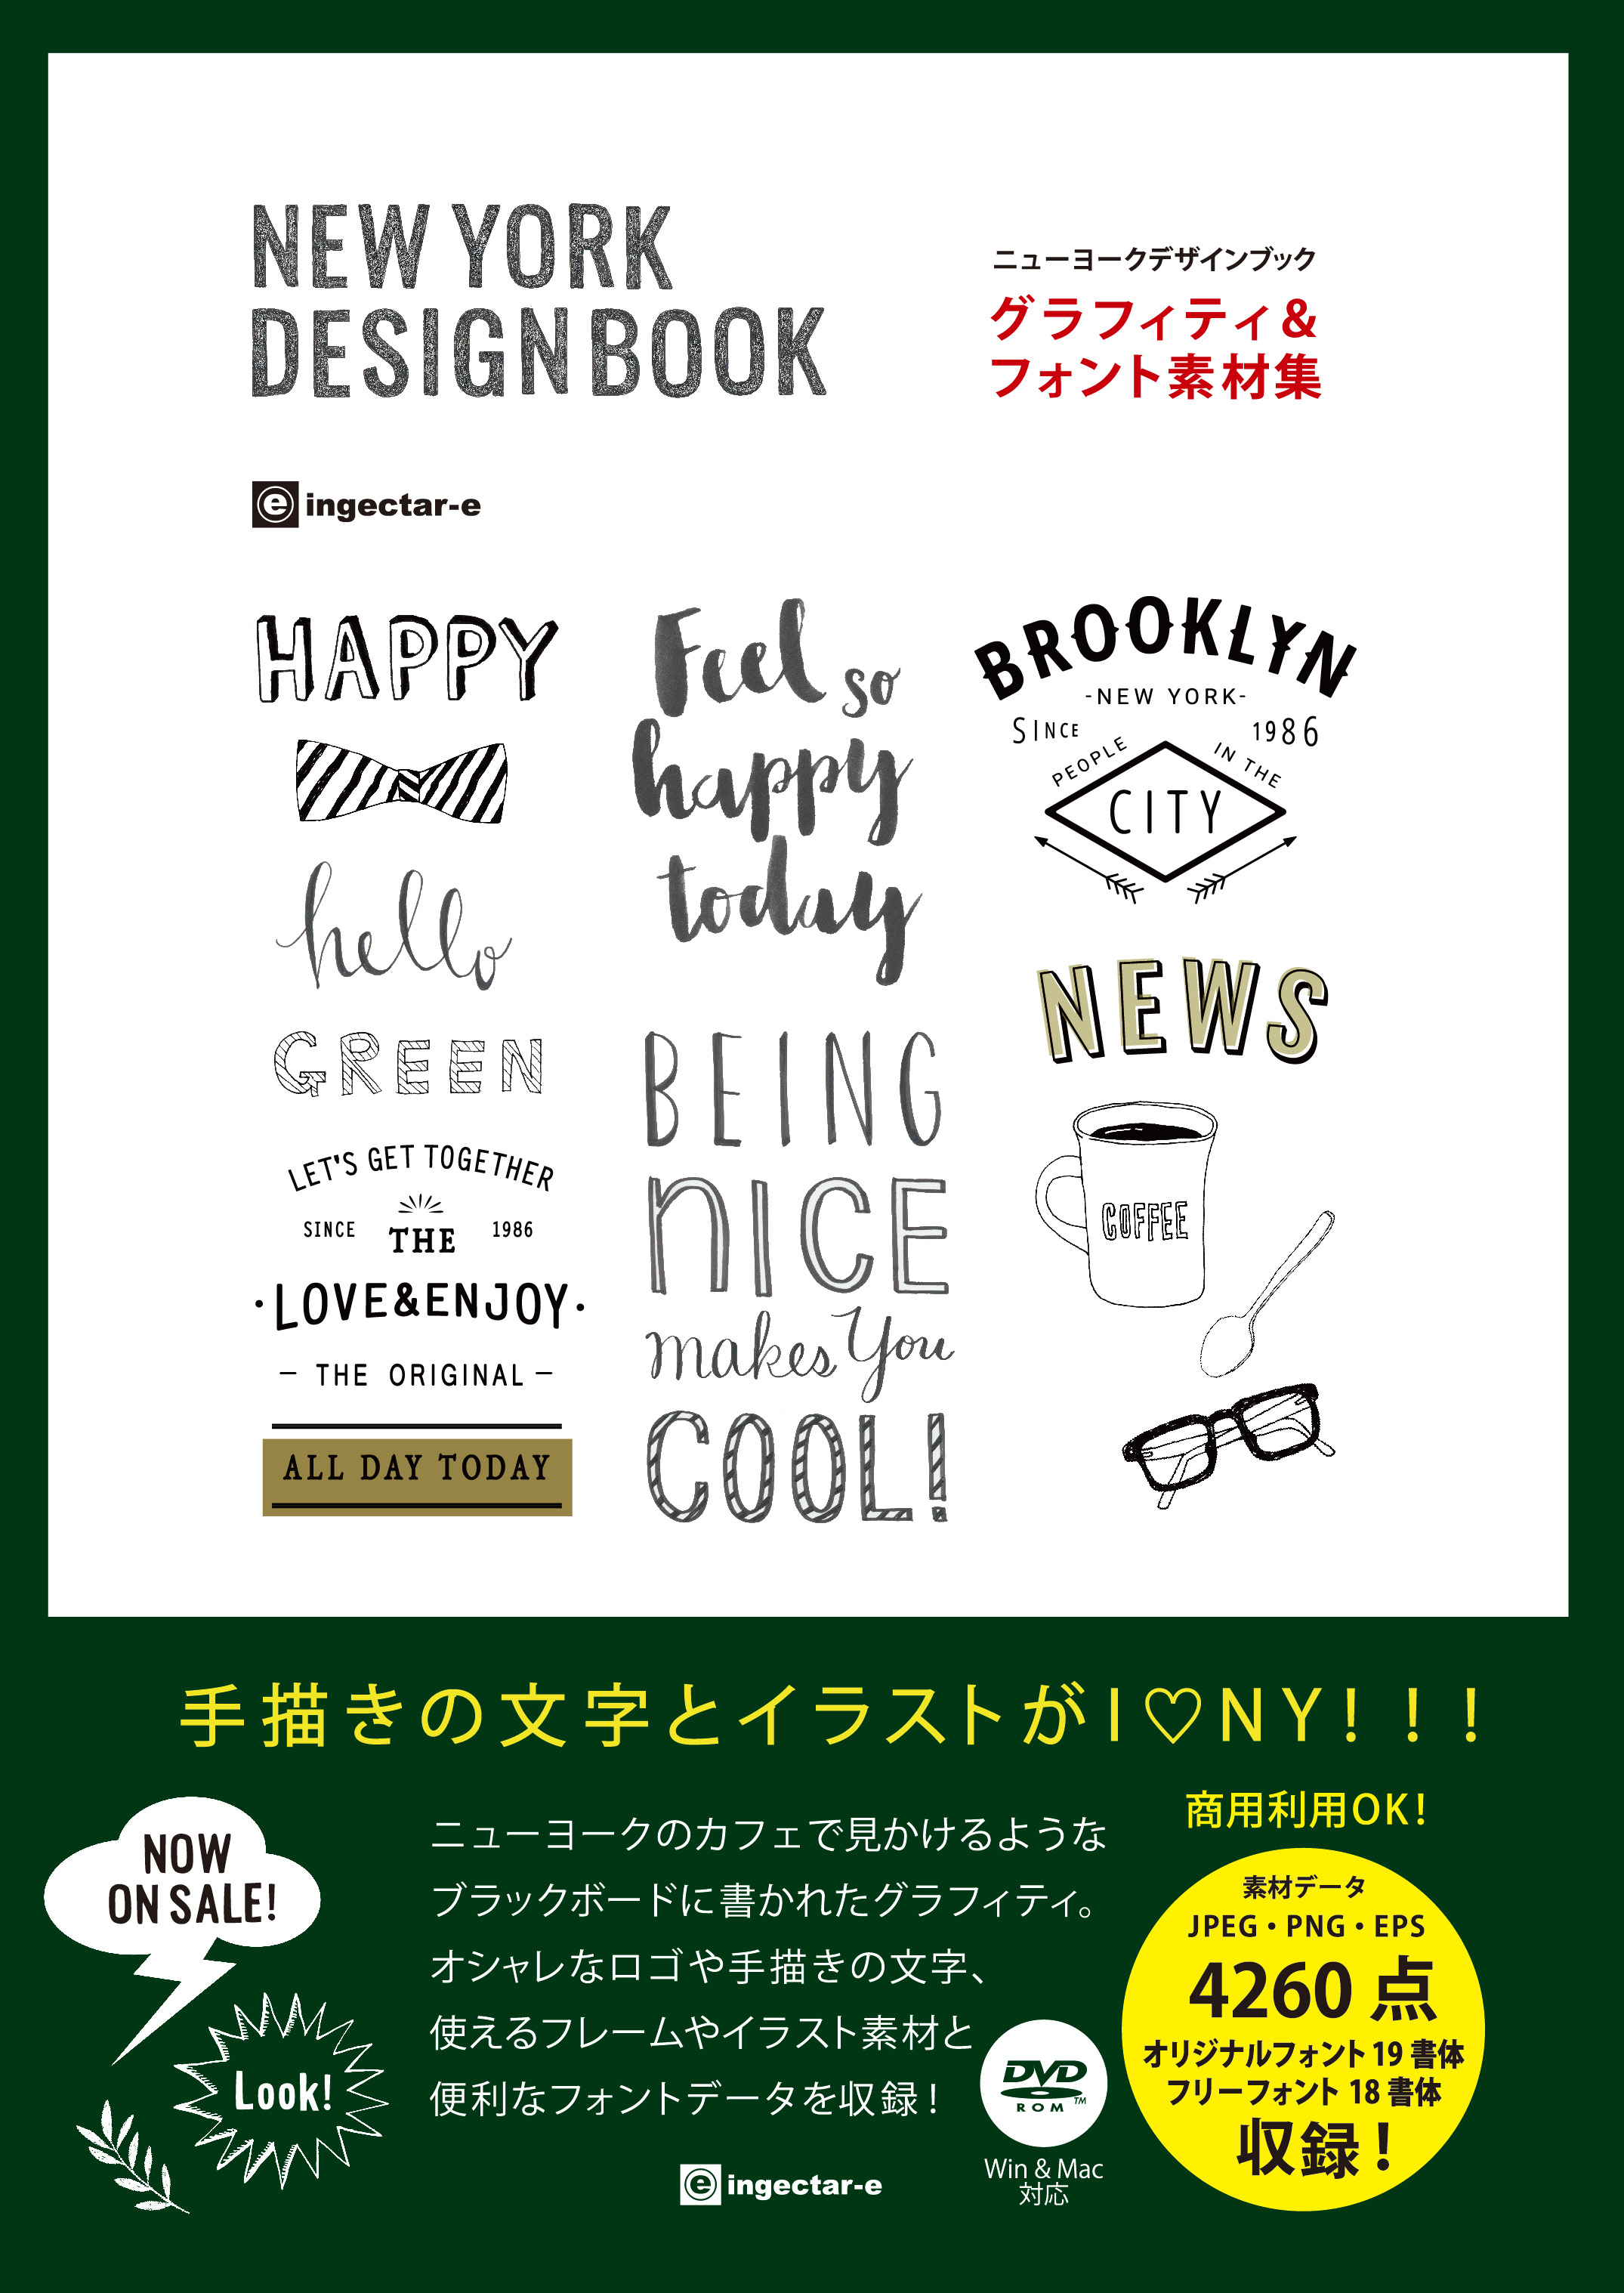 グラフィティ&フォント素材集ニューヨークデザインブック(ingectar-e